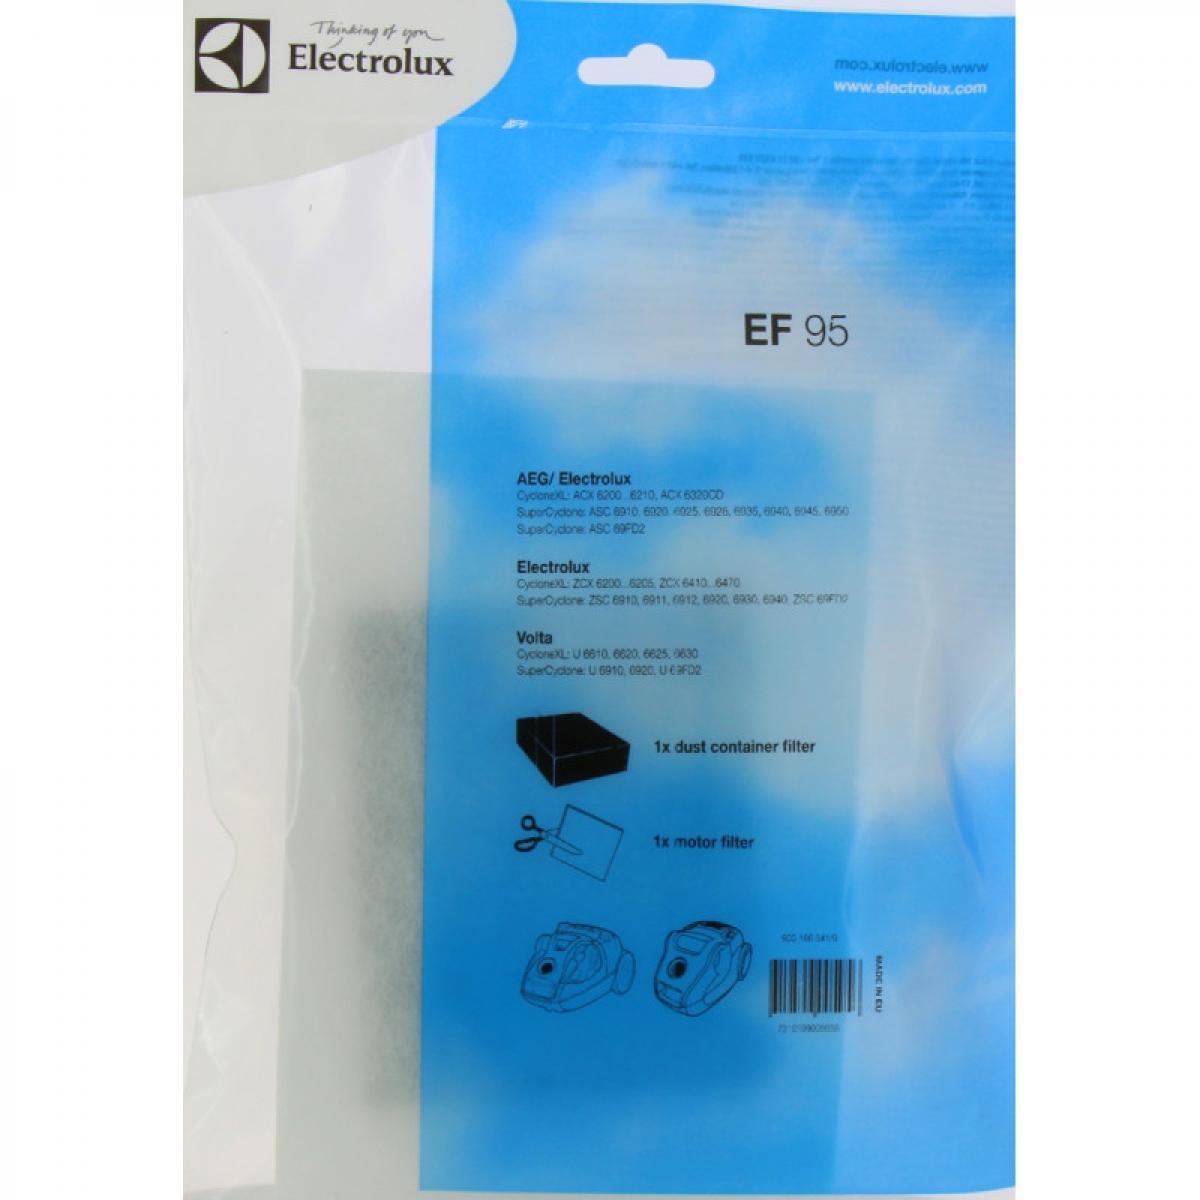 Electrolux ENS FILTRE CYCLONE XL1